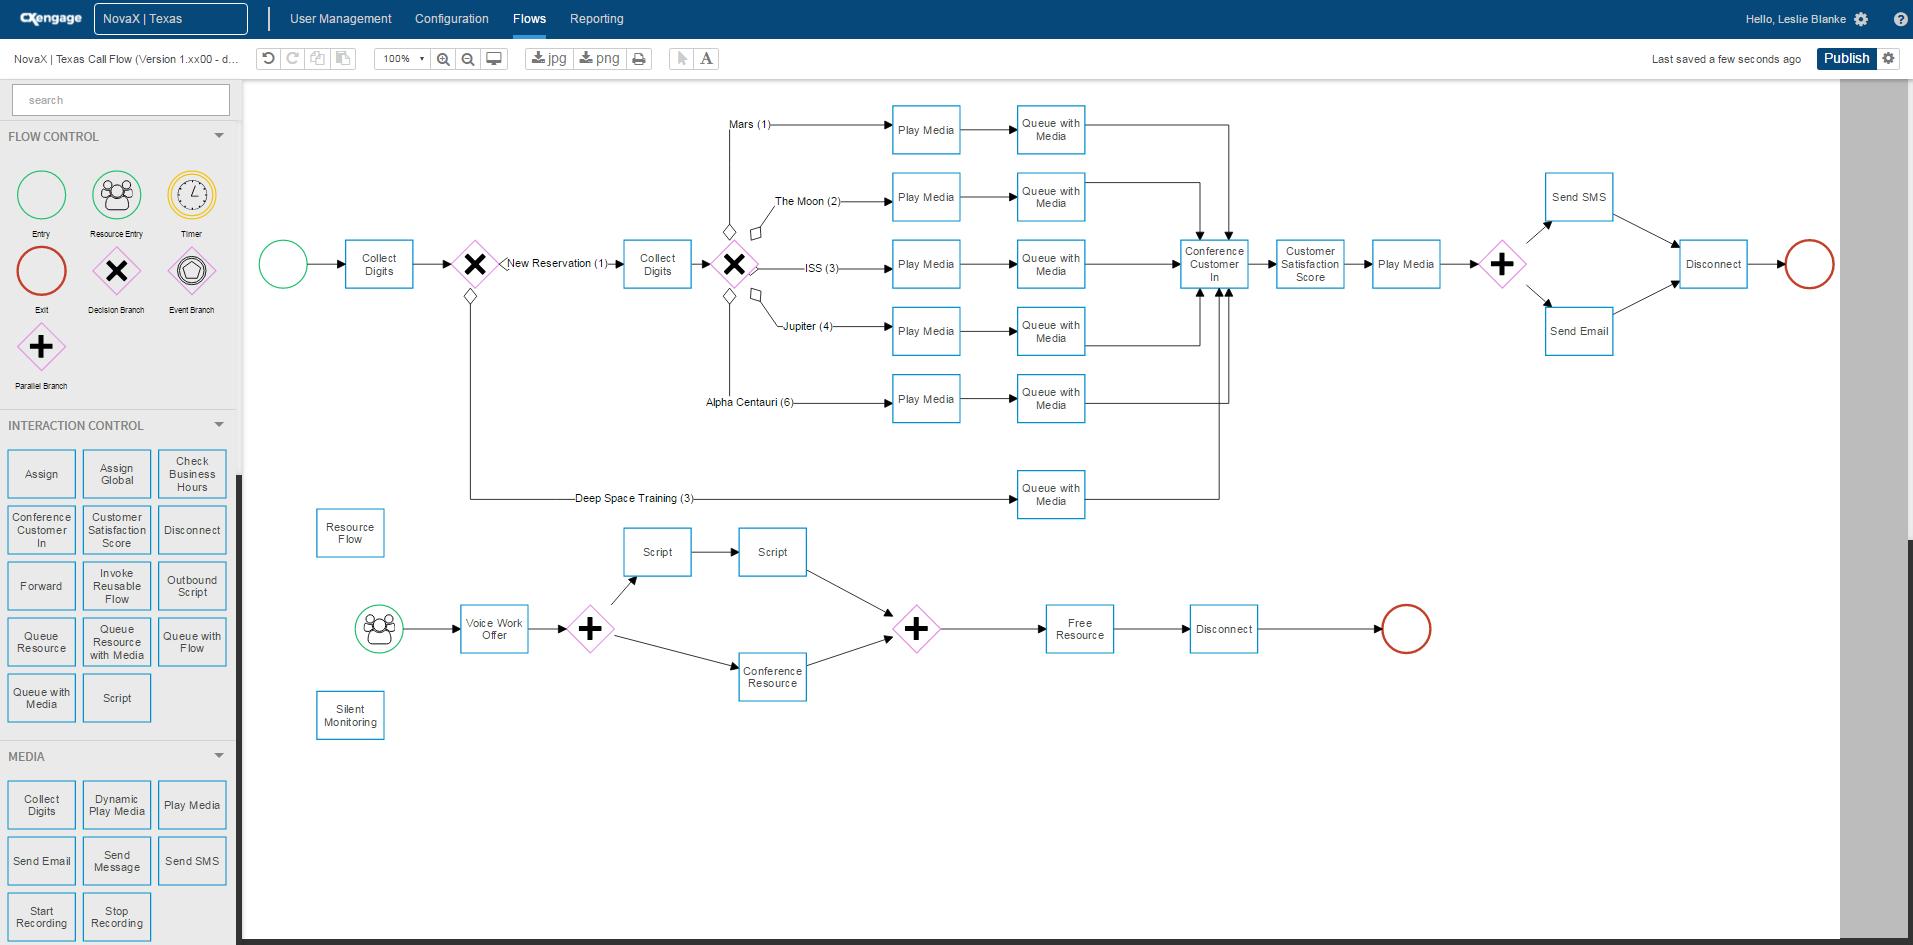 CxEngage Demo - CxEngage Flow Designer